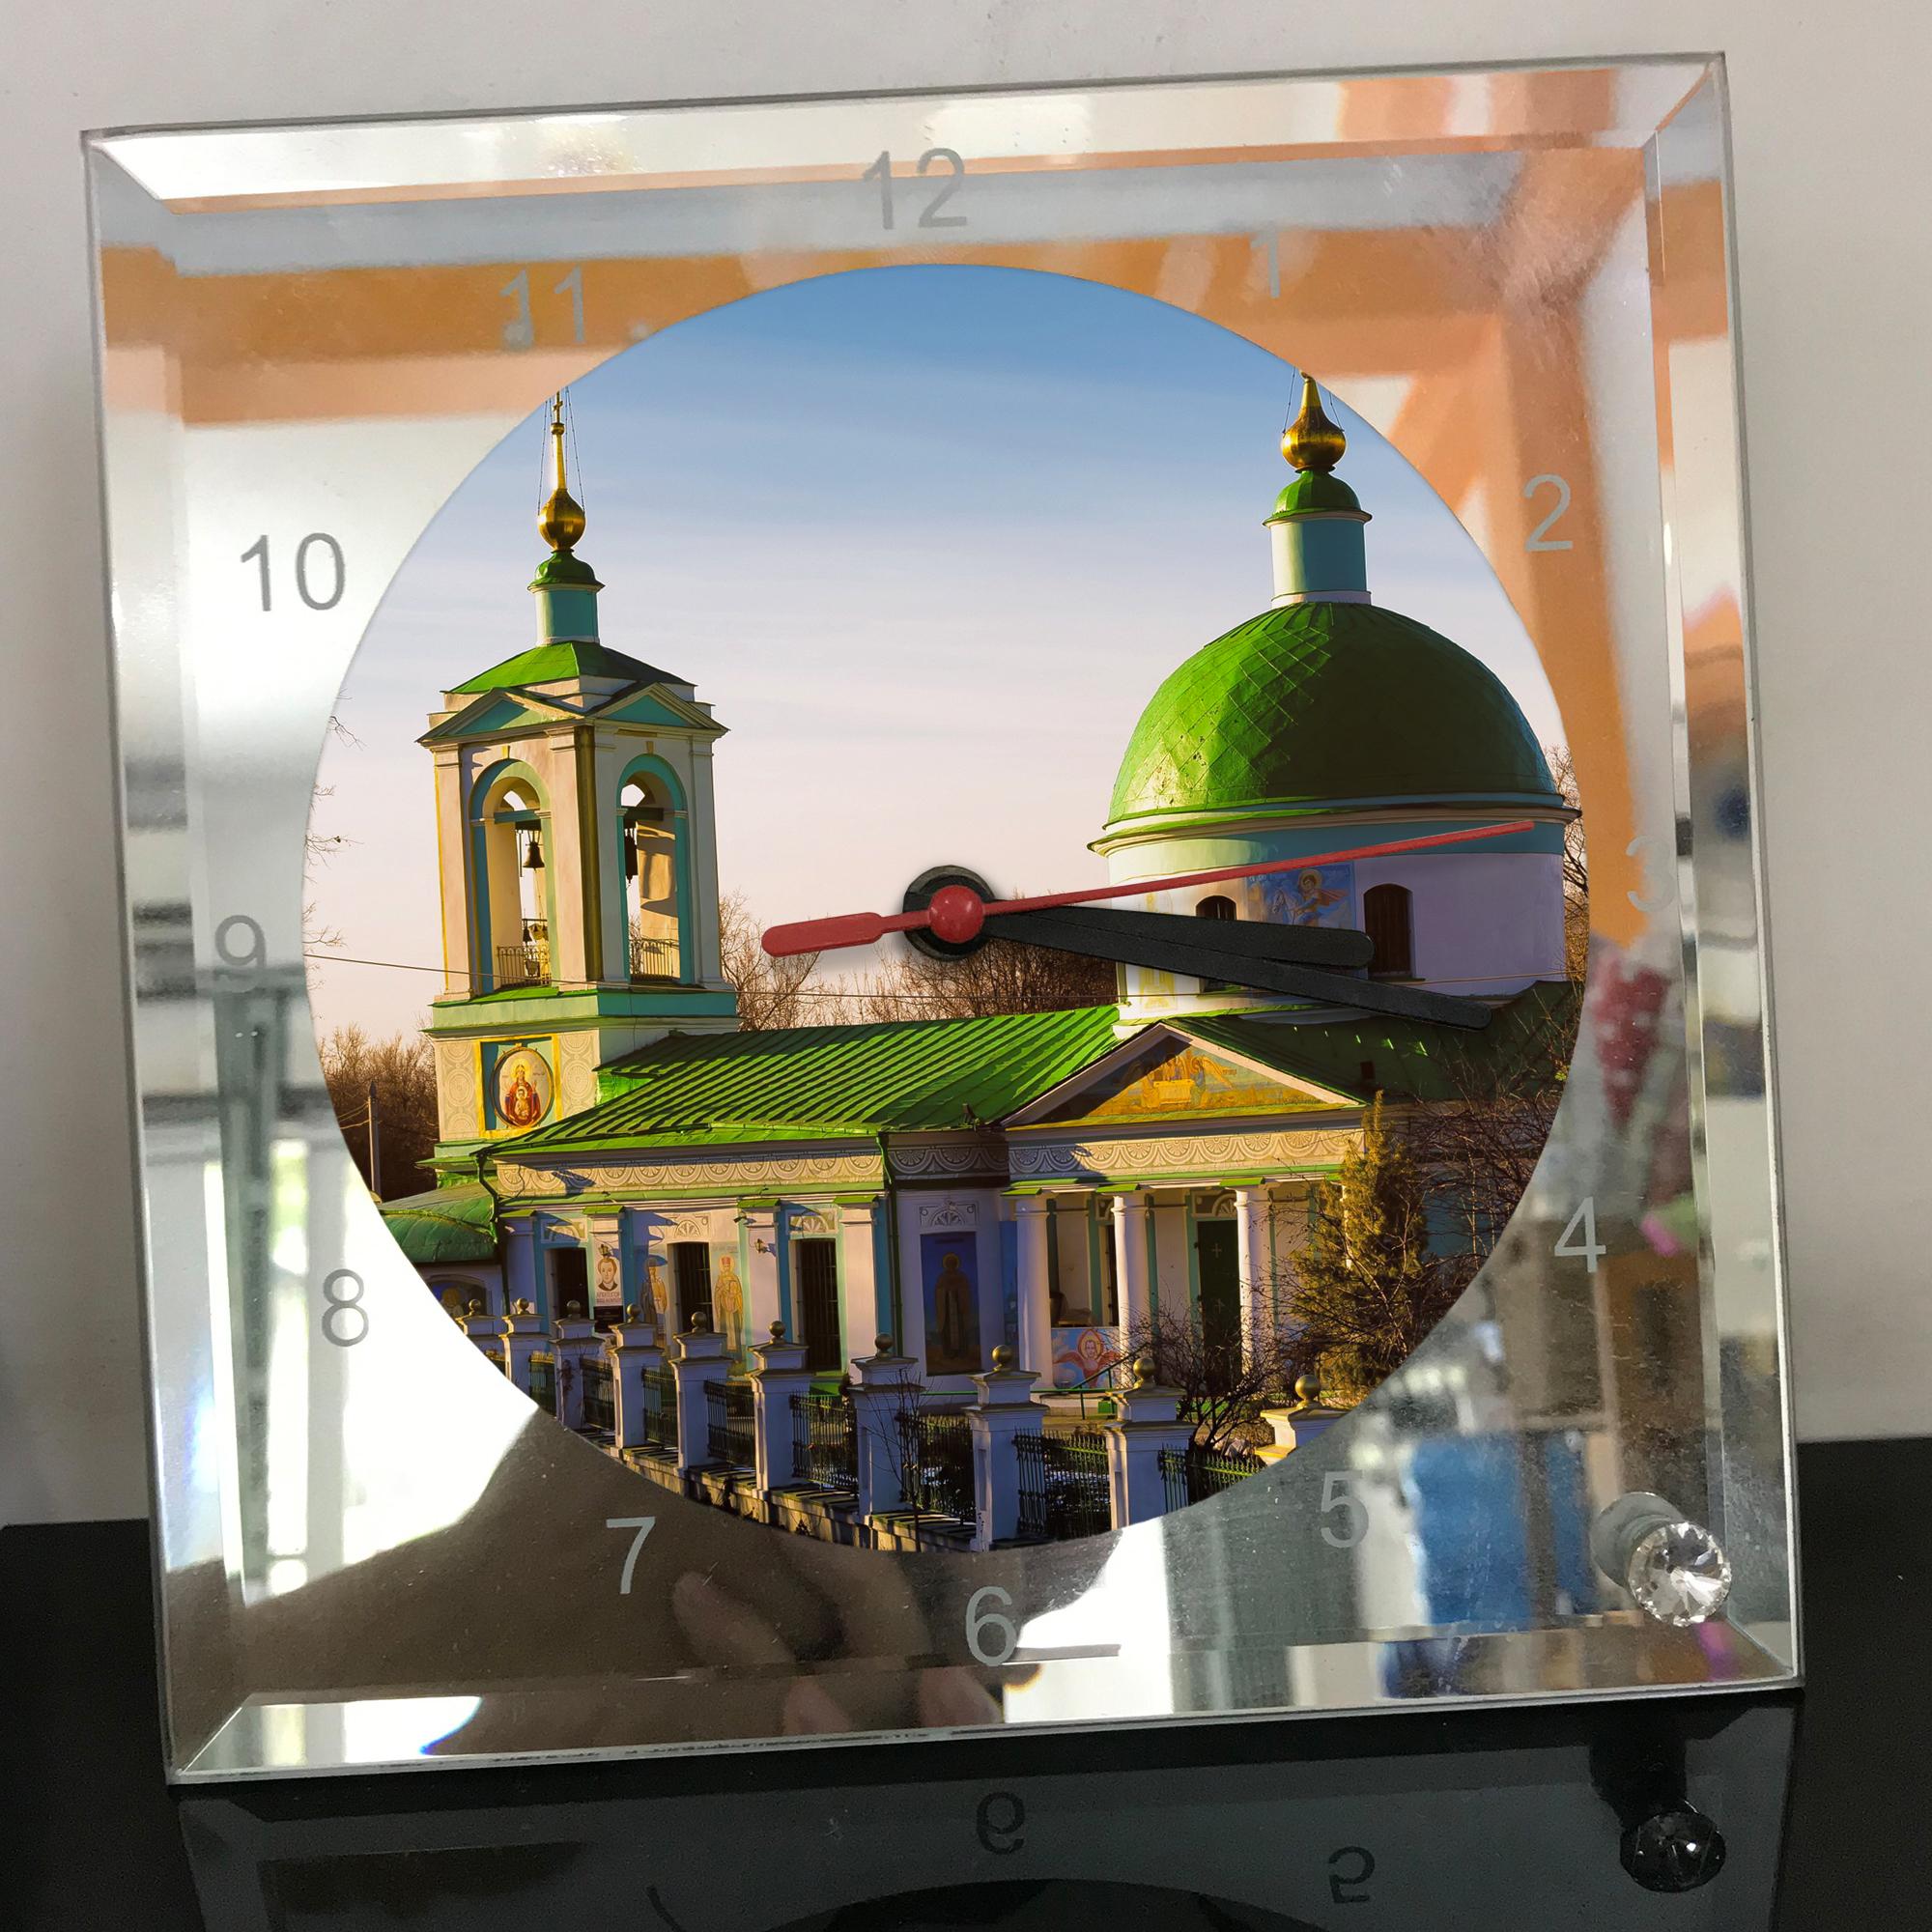 Đồng hồ thủy tinh vuông 20x20 in hình Church - nhà thờ (218) . Đồng hồ thủy tinh để bàn trang trí đẹp chủ đề tôn giáo